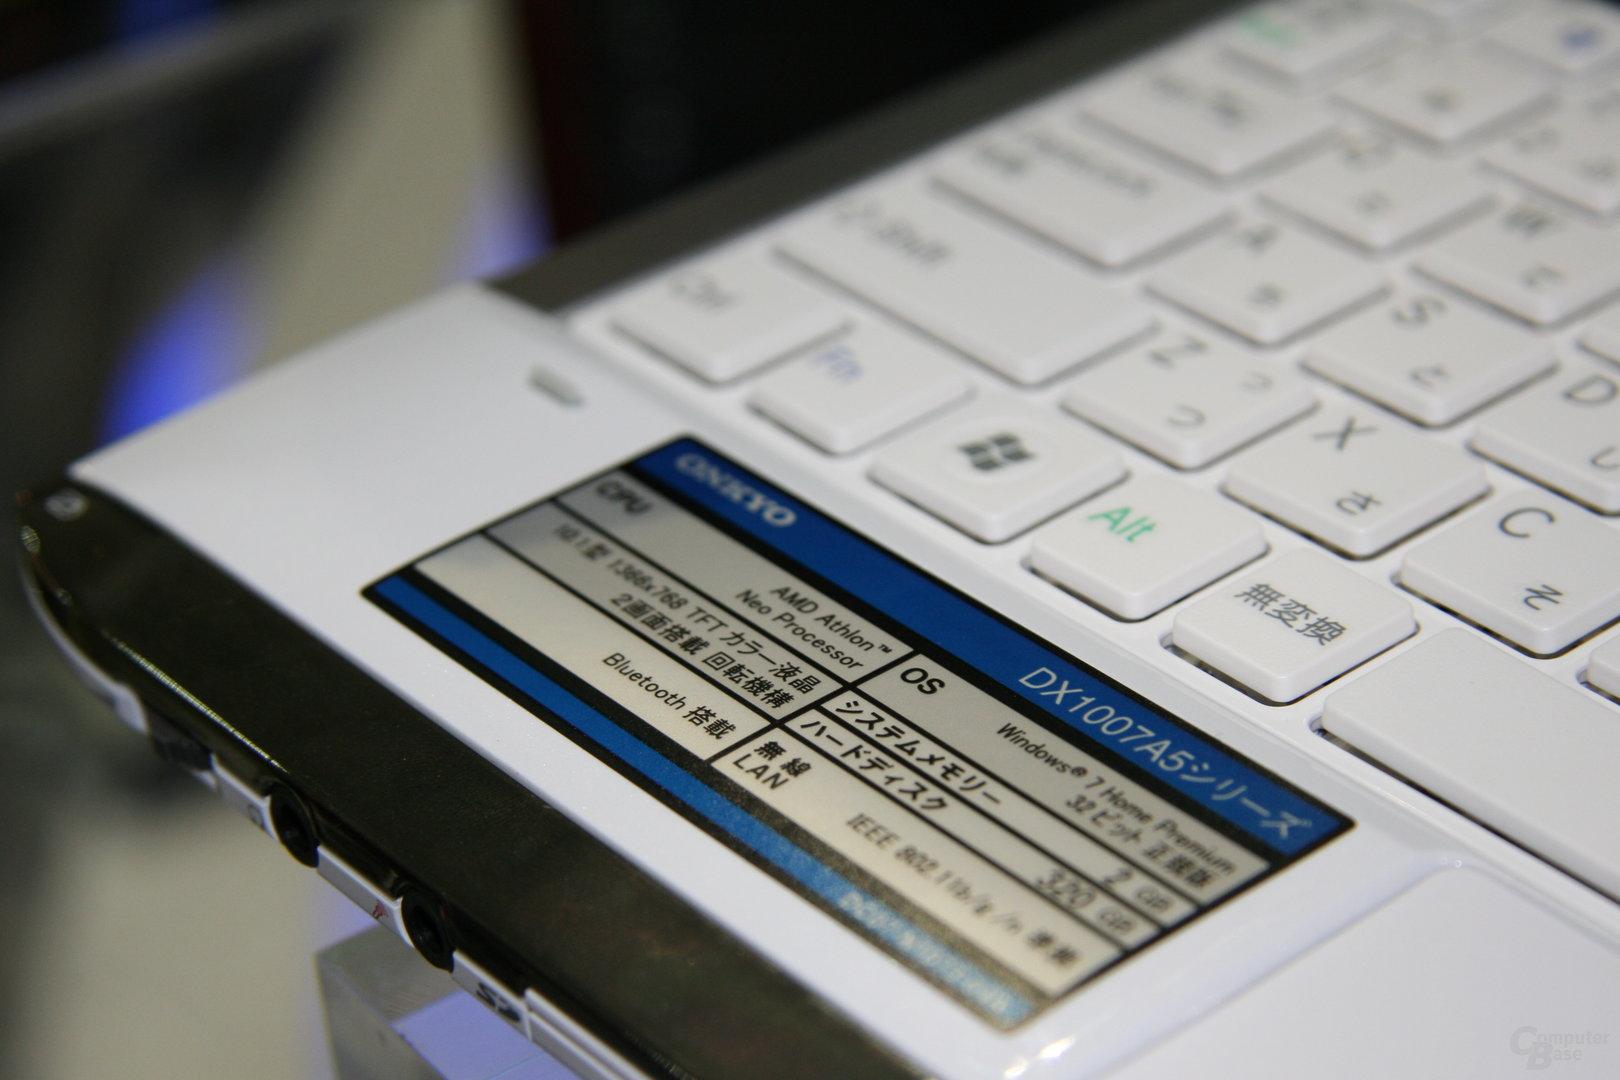 Onkyo-Notebook mit zwei 10,1-Zoll-Bildschirmen